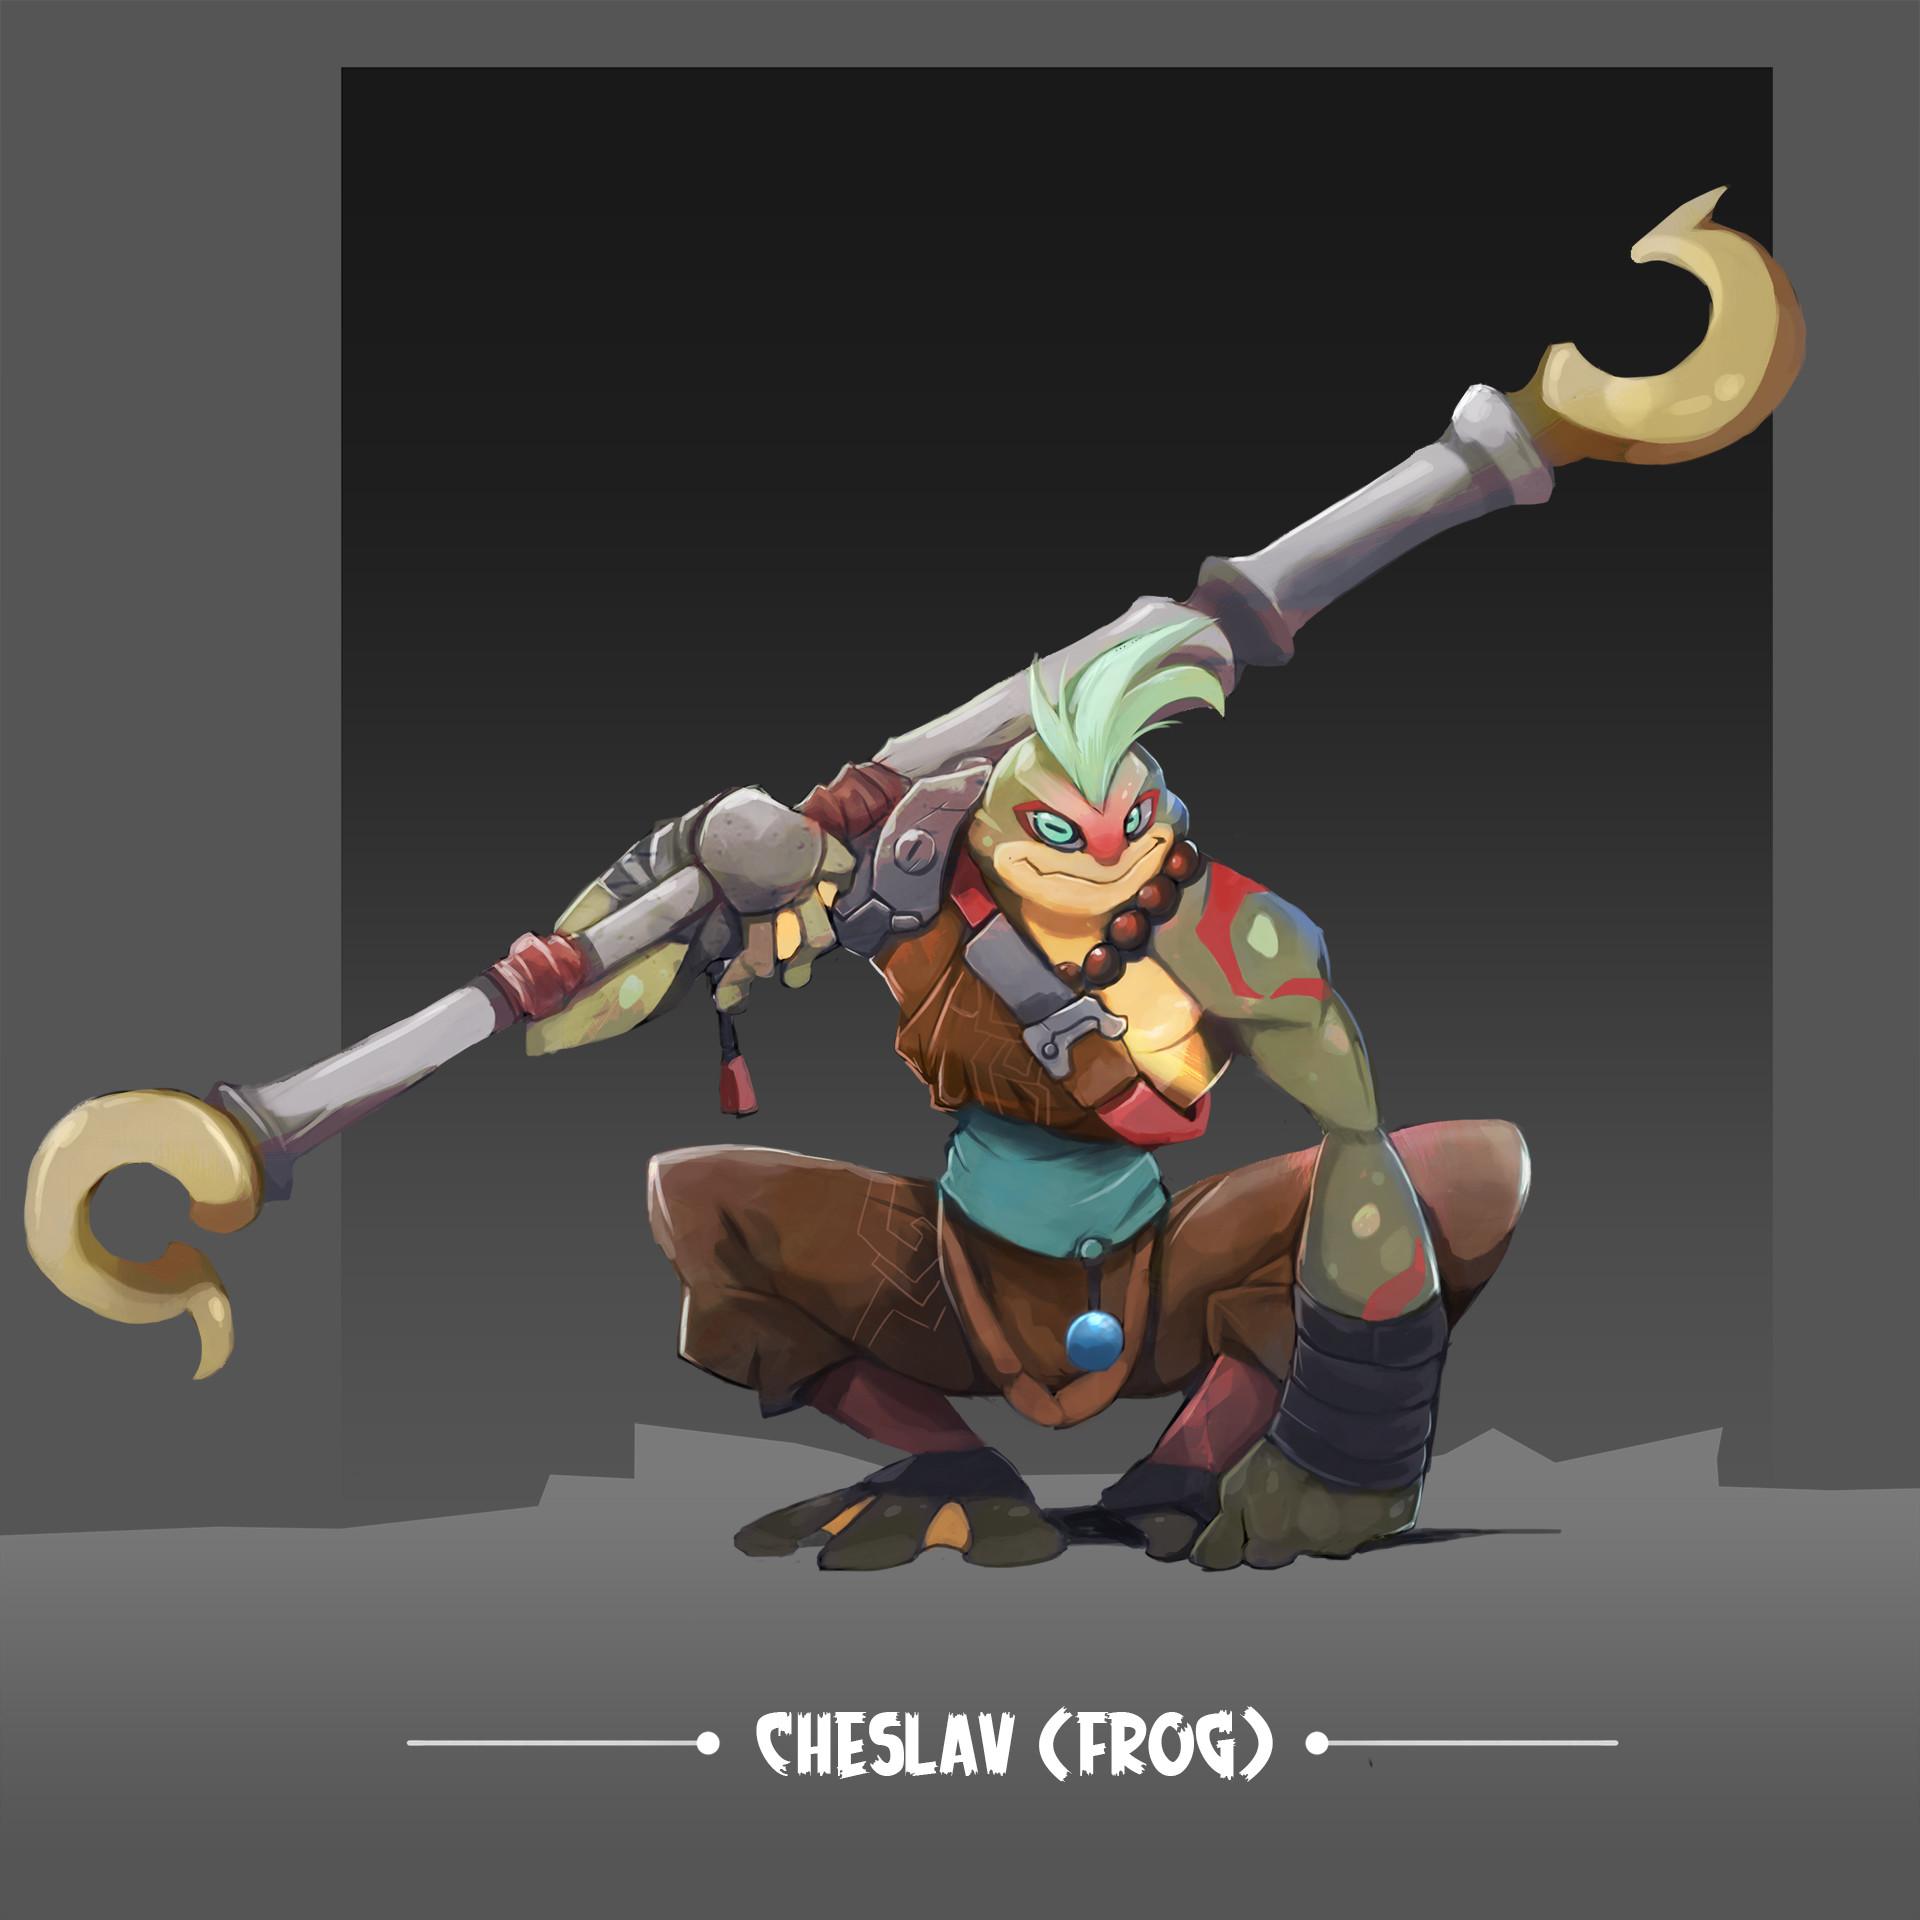 Ibrahim idris cheslav